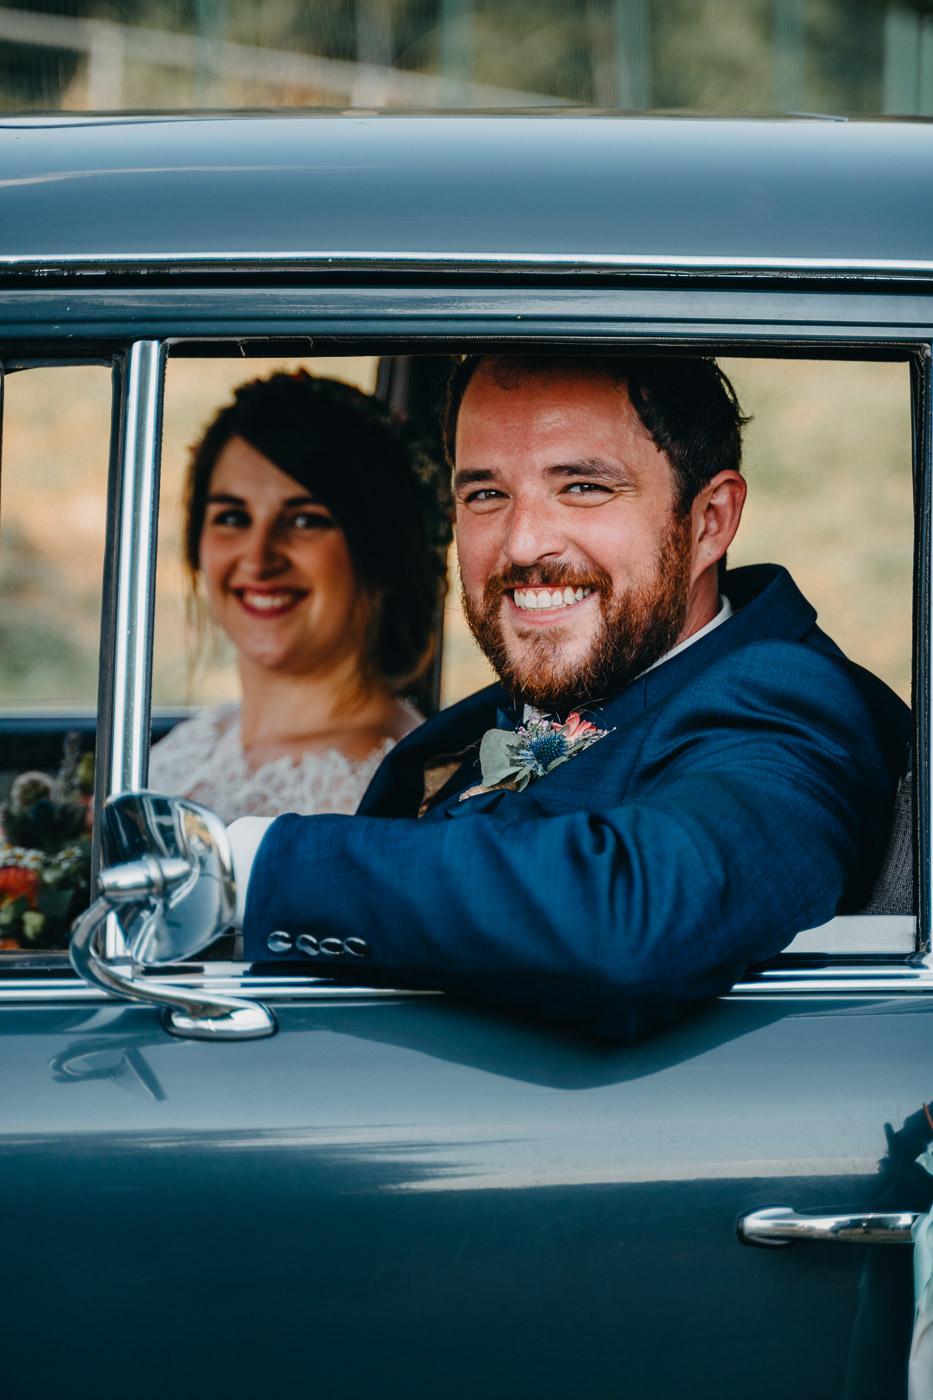 ZIBART.DE - wedding - lowq - 2018.08.04 - 2569.JPG